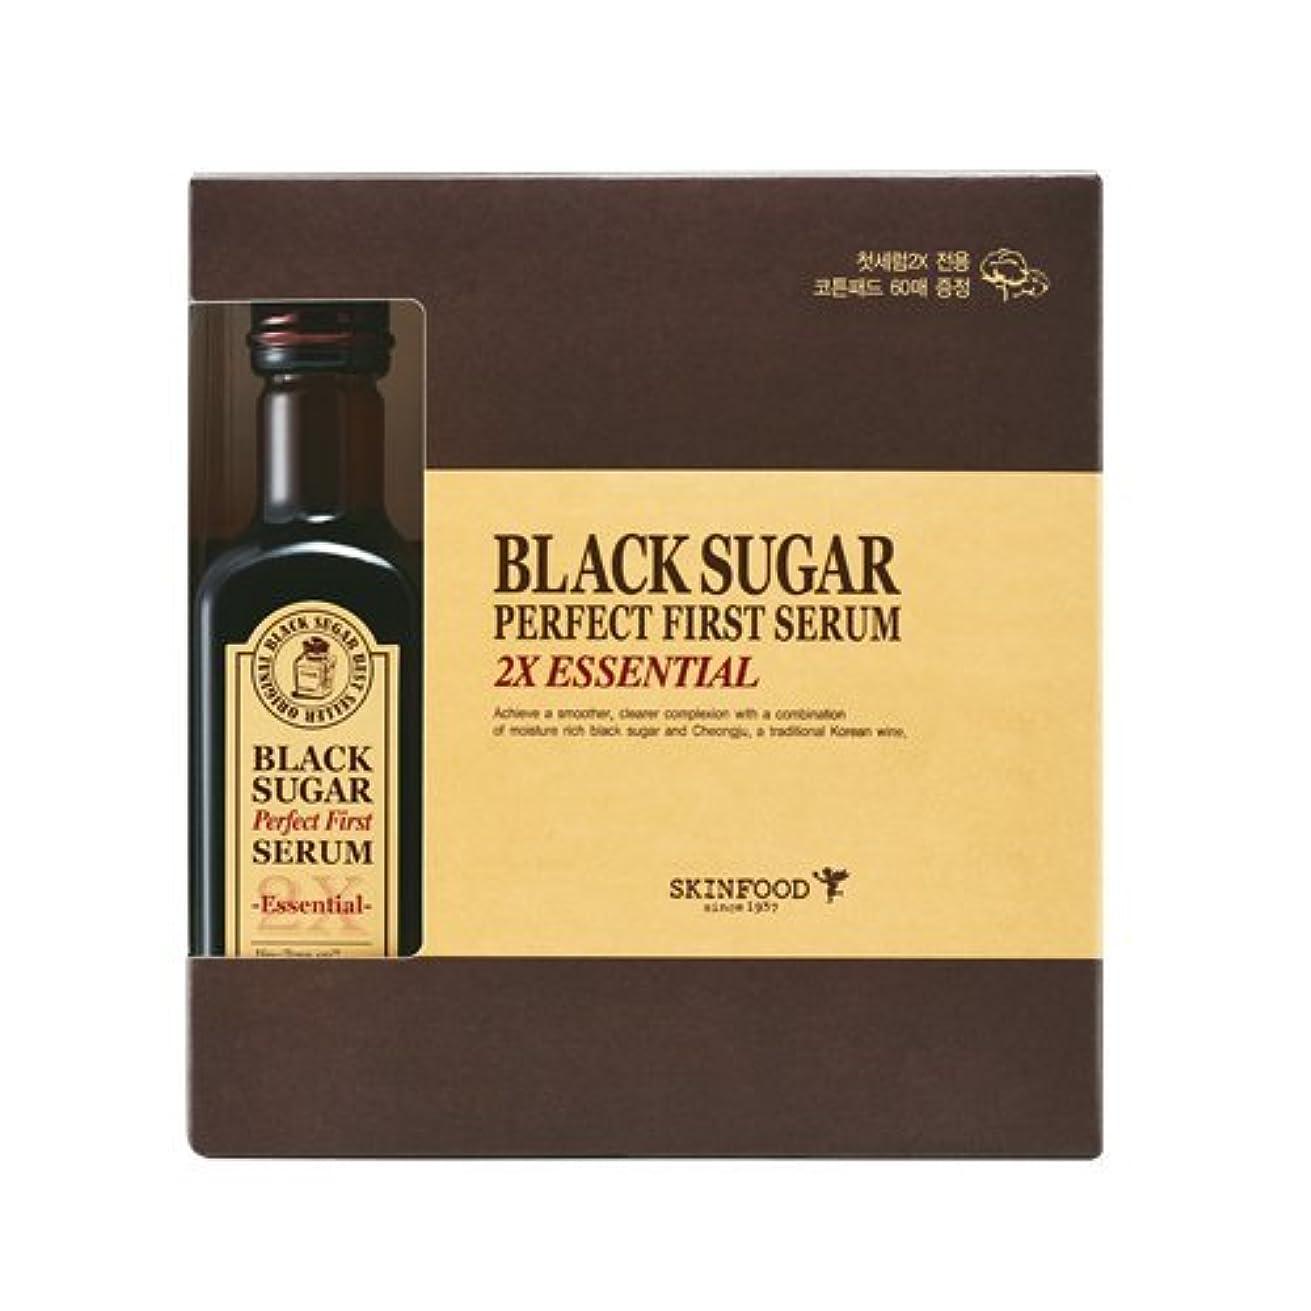 ポータル力強いタクト(SKINFOOD スキンフード)Black Sugar Perfect First Serum 2X ?essential- ブラックシュガー パーフェクトファーストセラム2X skin-brightening and Anti-wrinkle Effects? [並行輸入品]